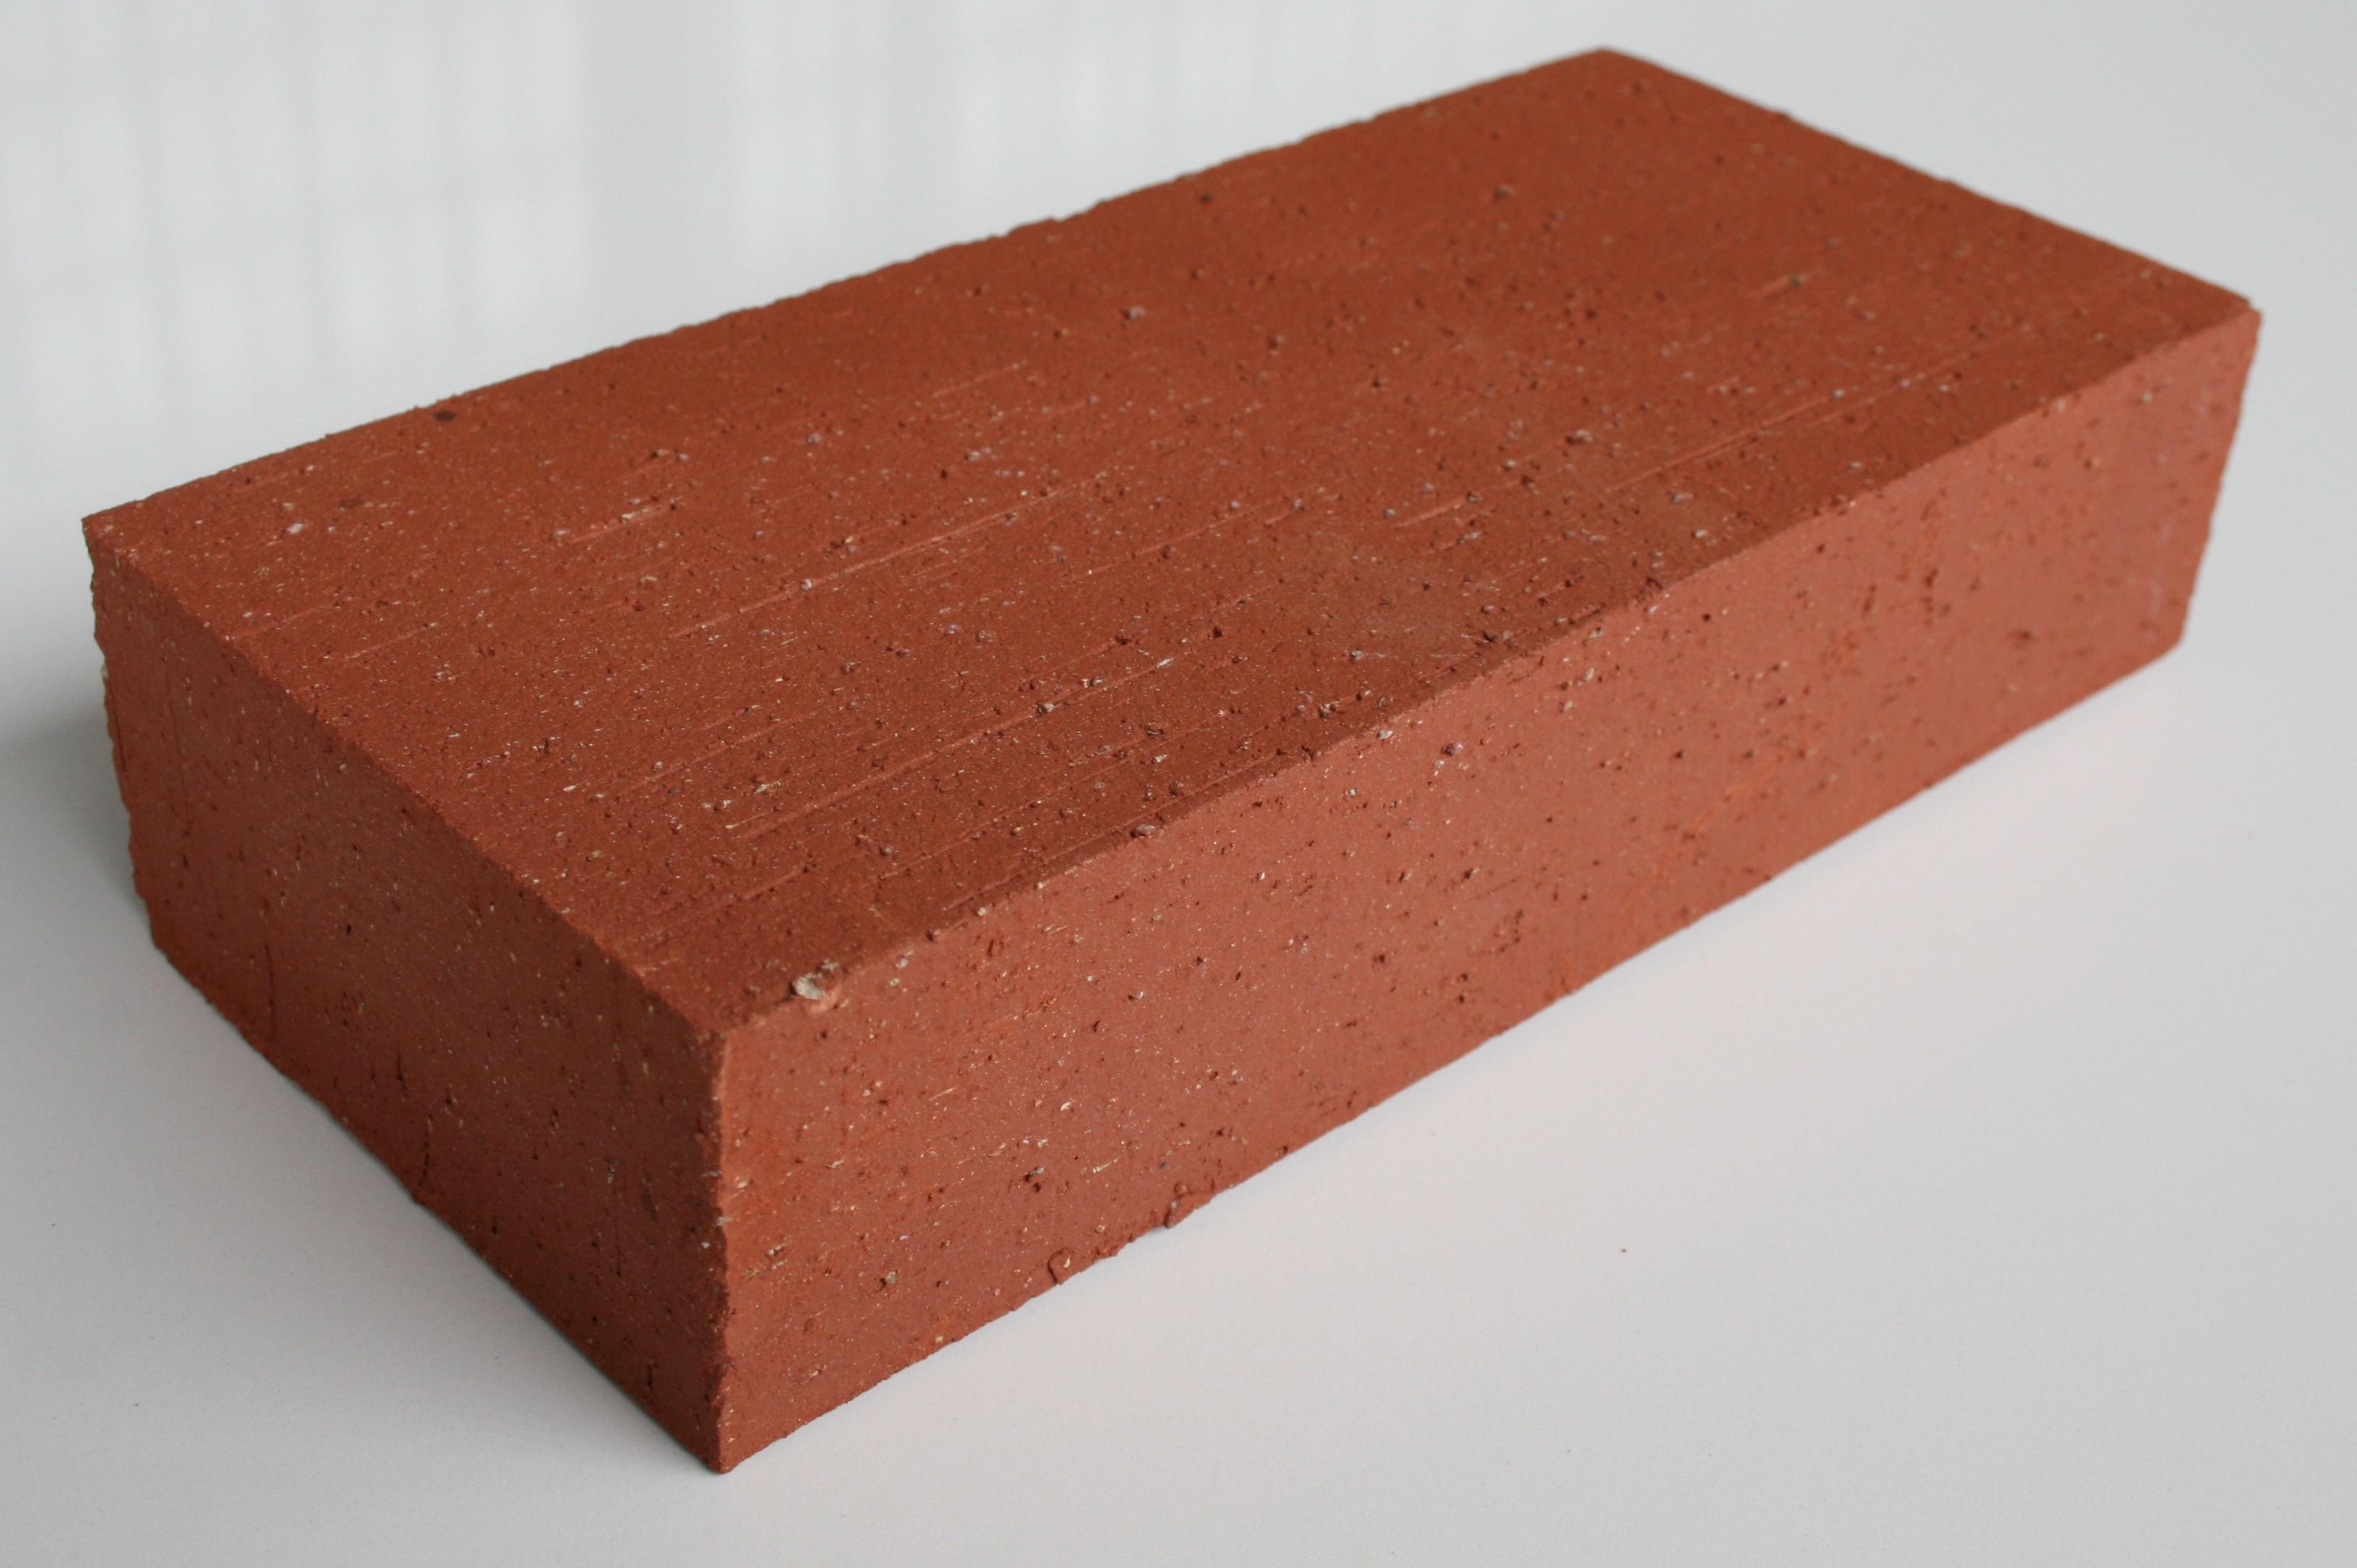 Brique 22x11x5 cm finition arrachée rouge